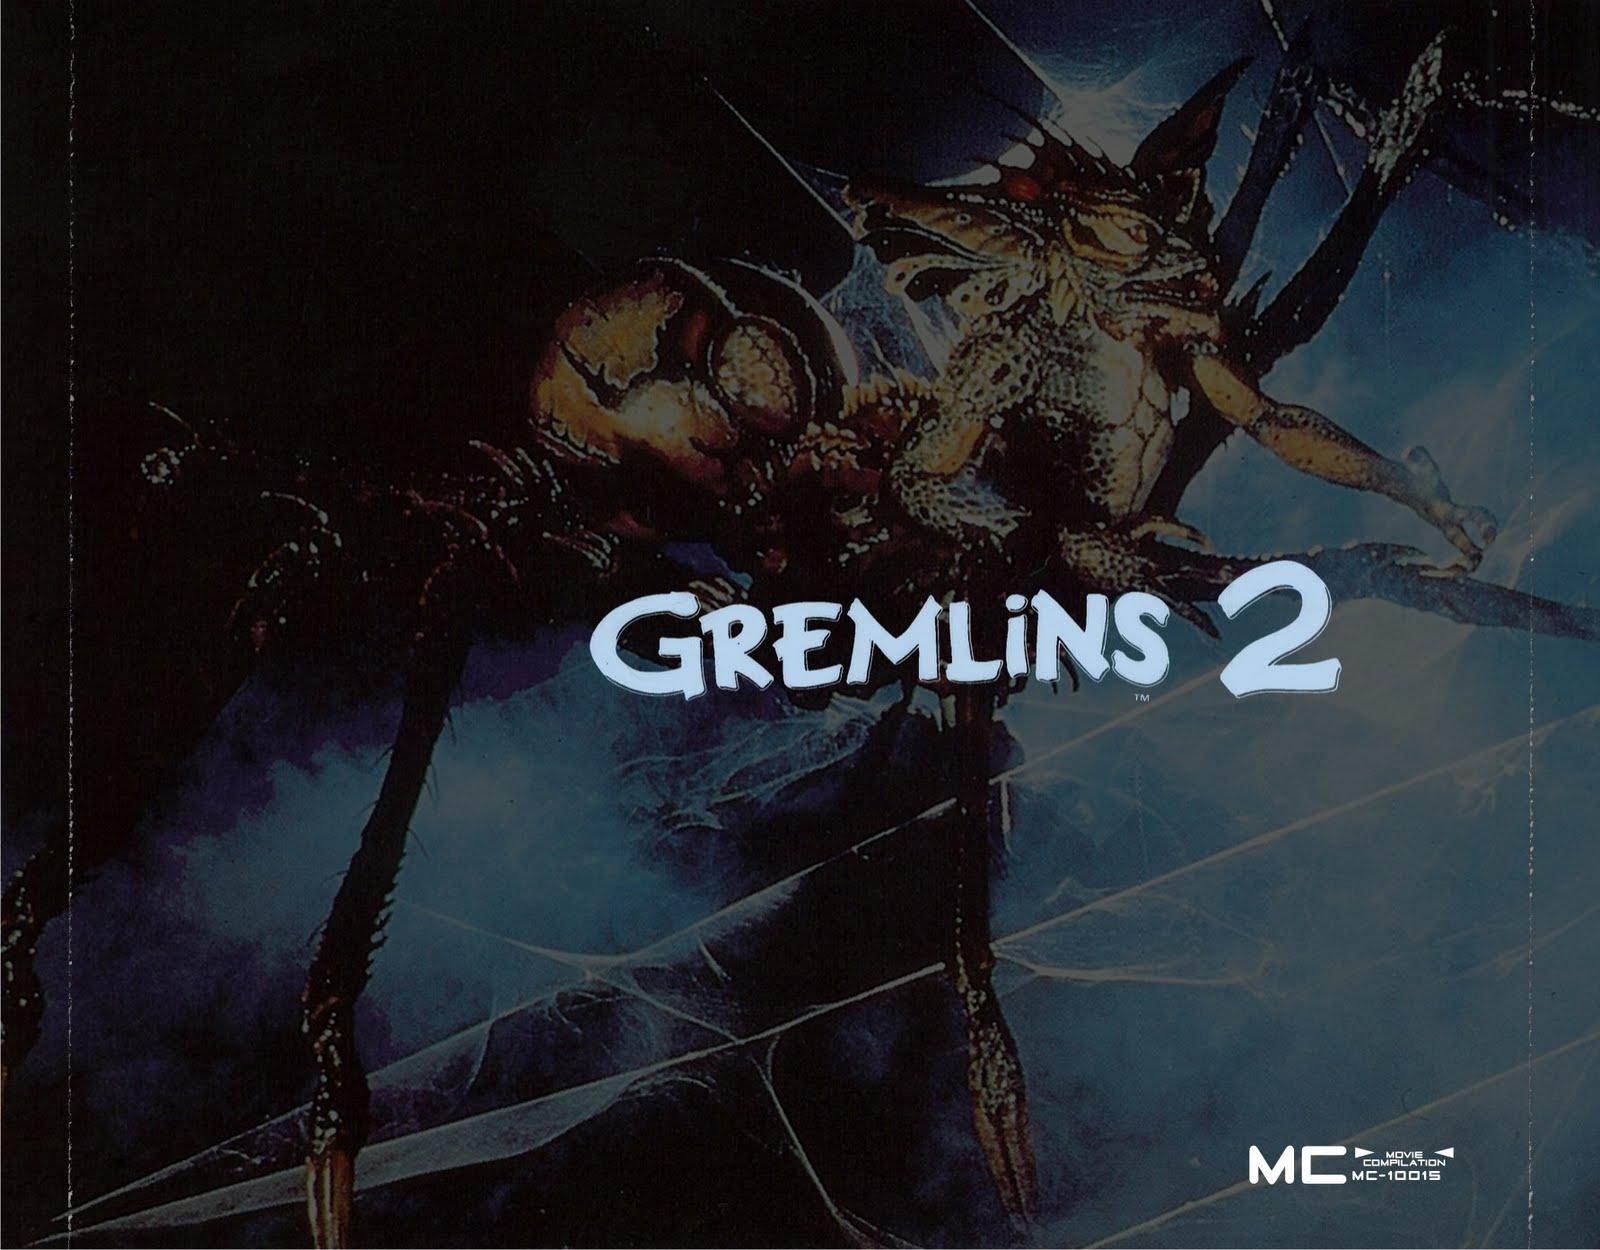 Gremlins 2 complete backin